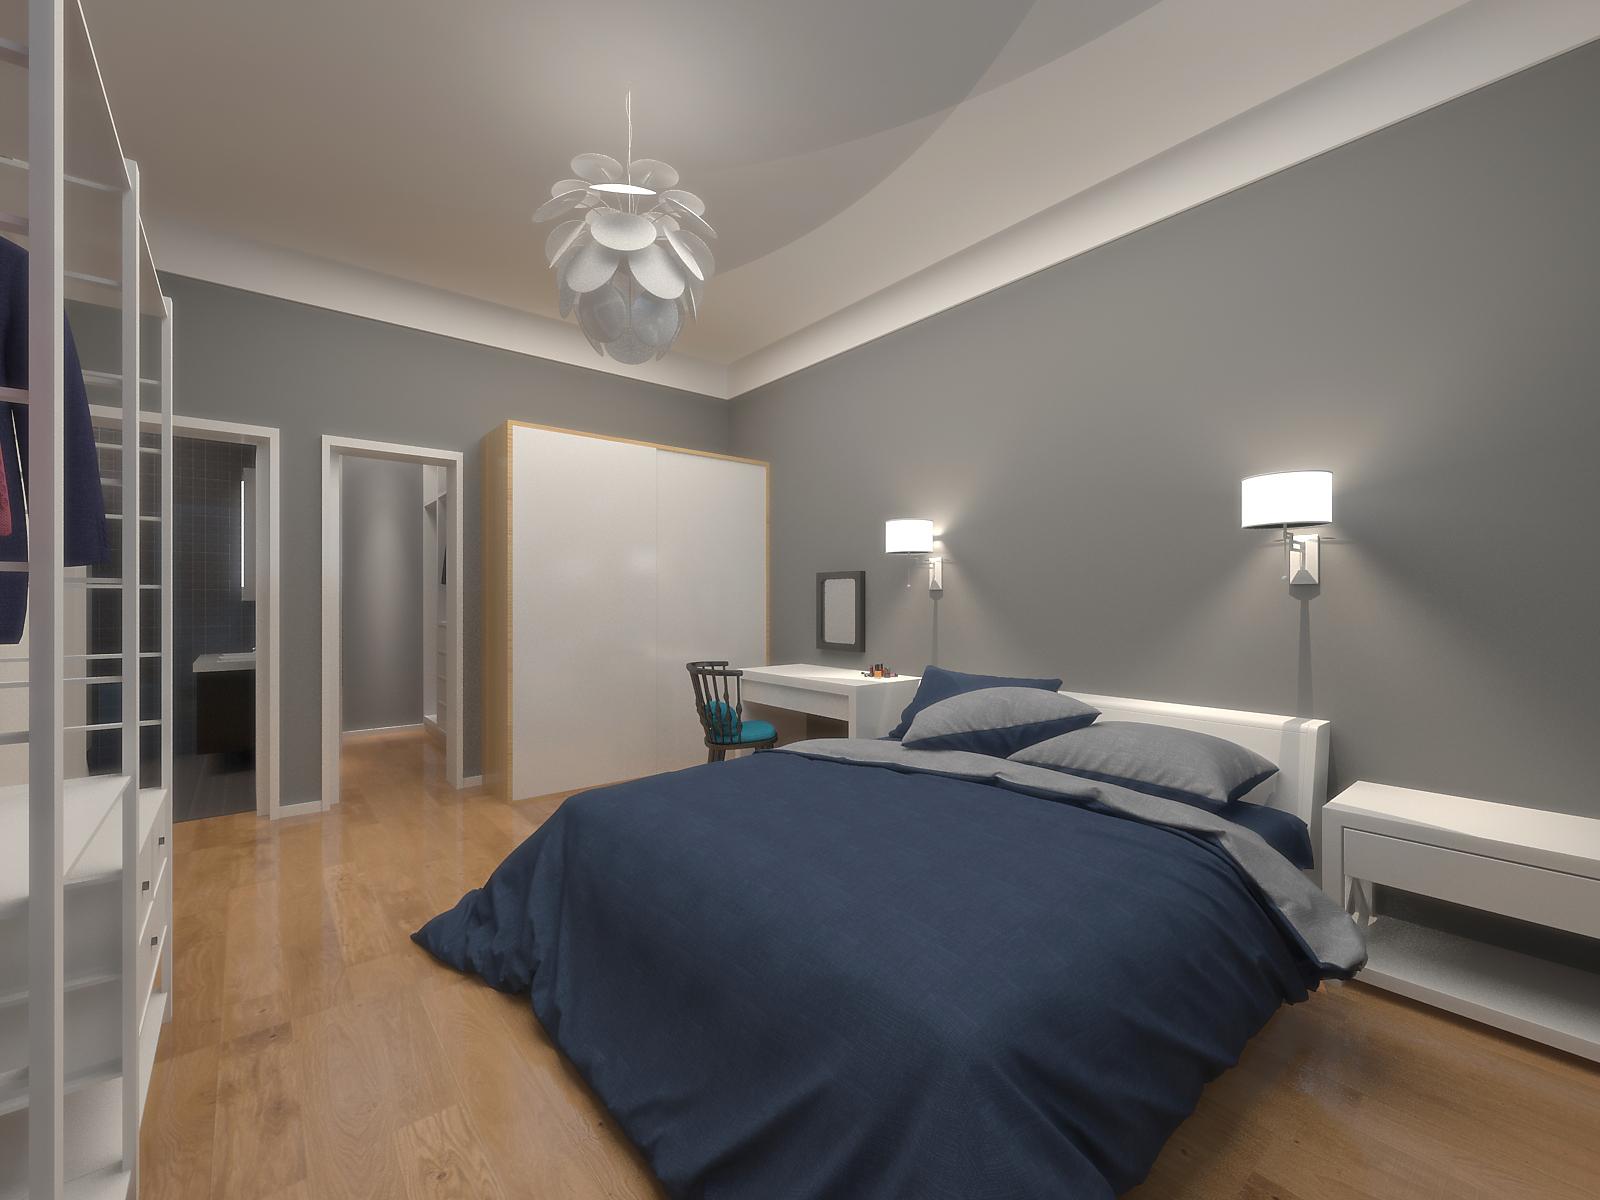 110㎡简约三居床头背景墙装修效果图